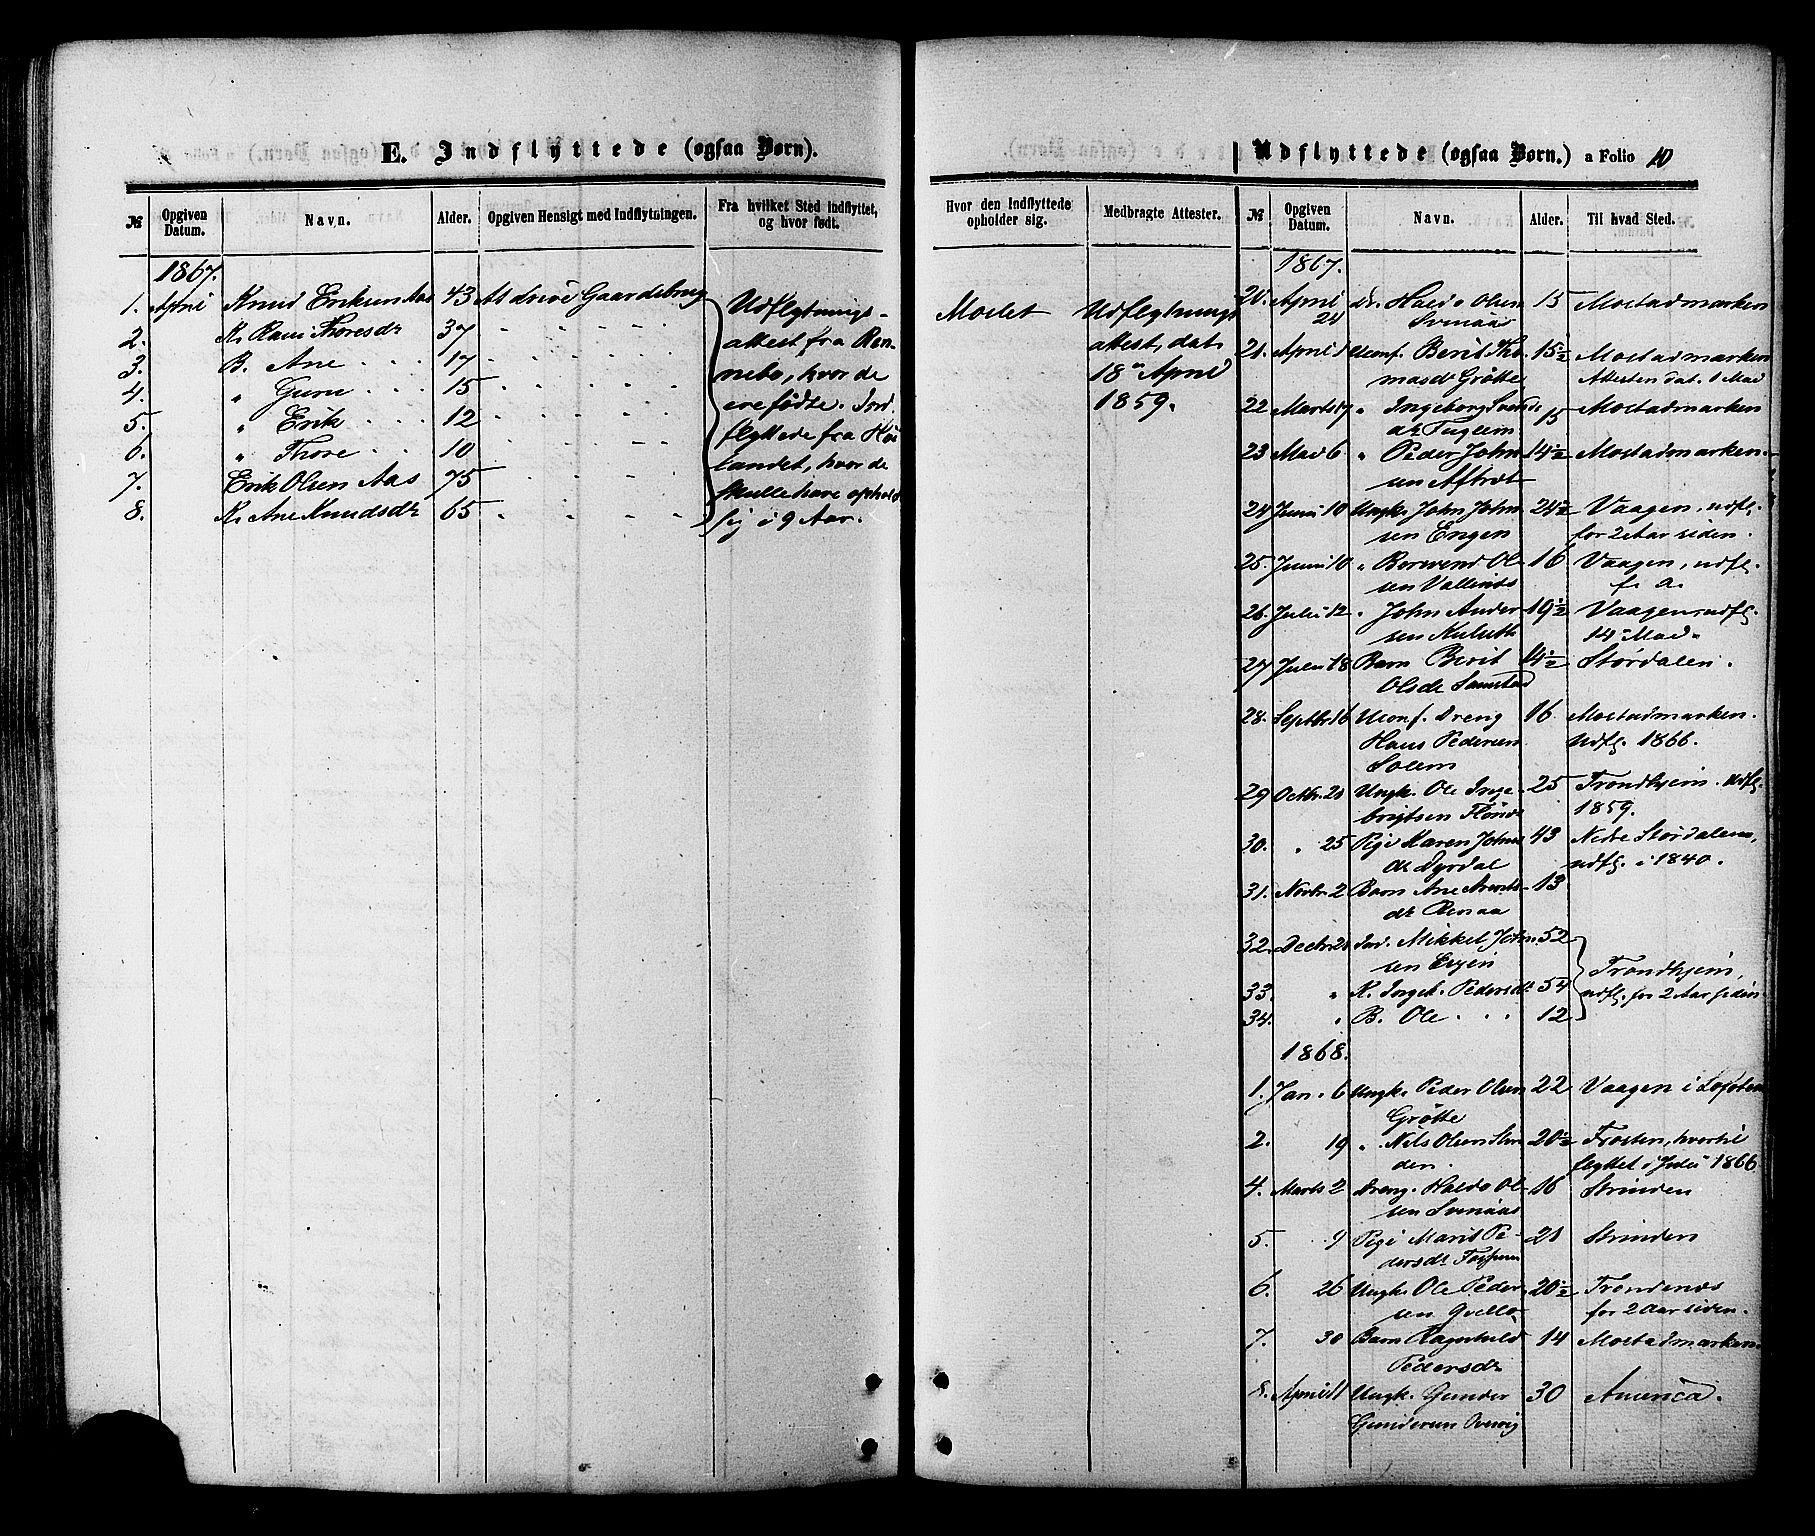 SAT, Ministerialprotokoller, klokkerbøker og fødselsregistre - Sør-Trøndelag, 695/L1147: Ministerialbok nr. 695A07, 1860-1877, s. 10